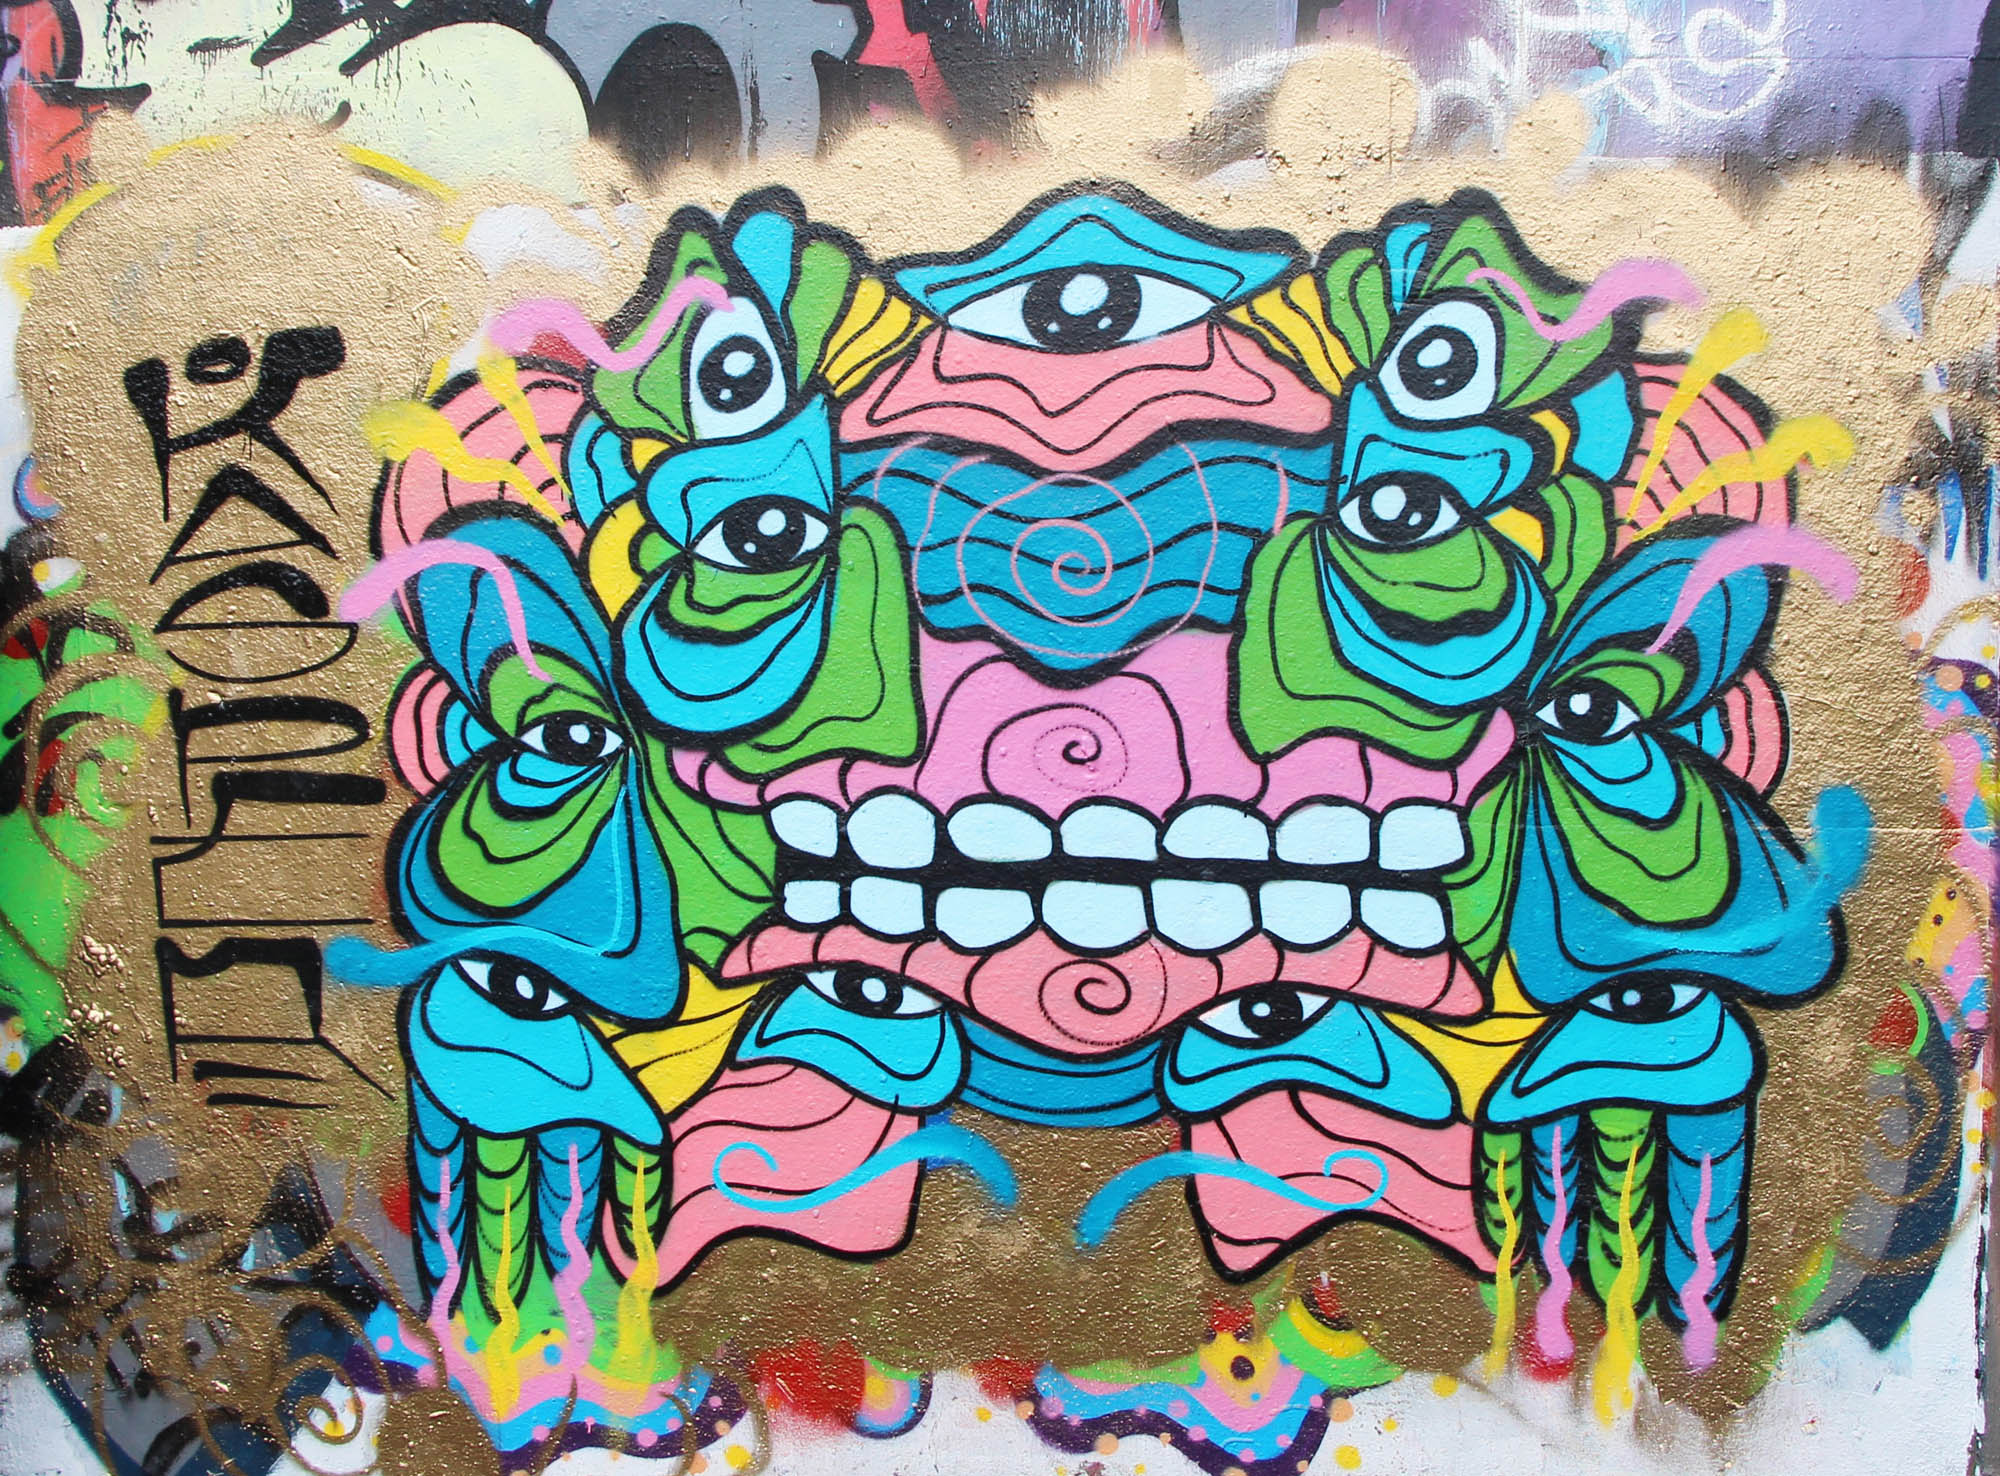 Mural painted at Leeside Skatepark in Vancouver BC